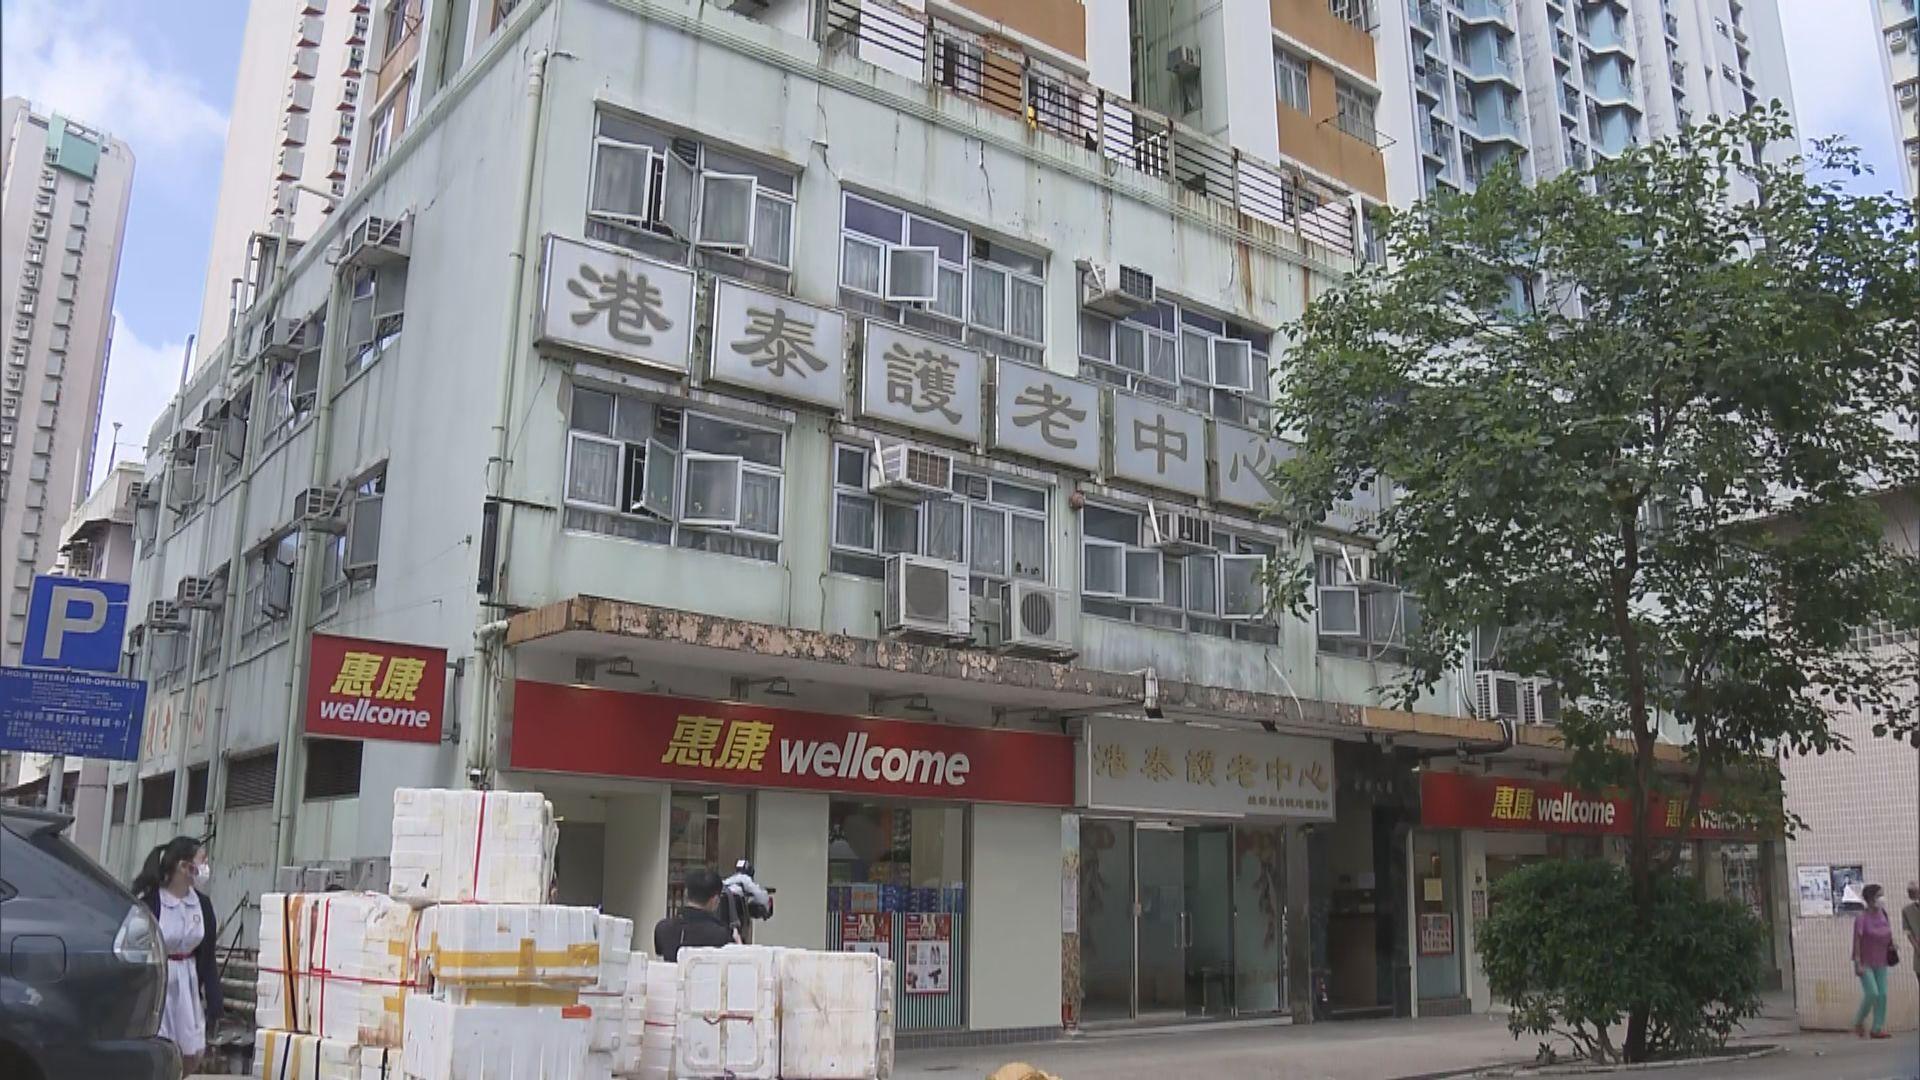 港泰護老中心樓上同名老人院仍運作 大廈住客感憂慮